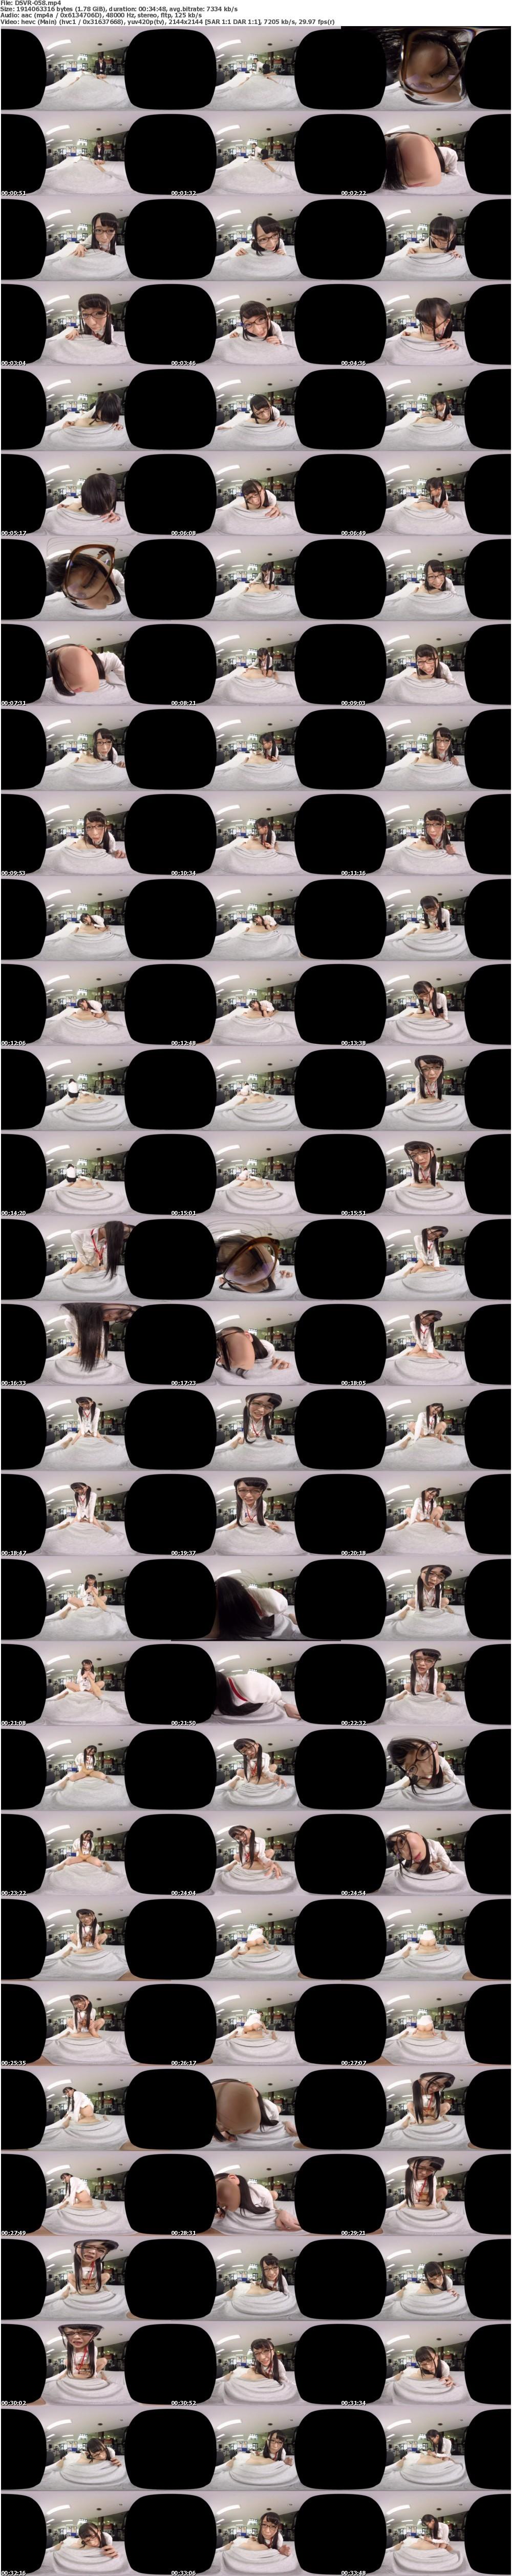 VR/3D DSVR-058 【VR】SOD女子社員加藤ももかが初めてのVR撮影に挑戦!SOD社内で初めての濃密キス密着見つめ合い激うぶ恥じらいSEX